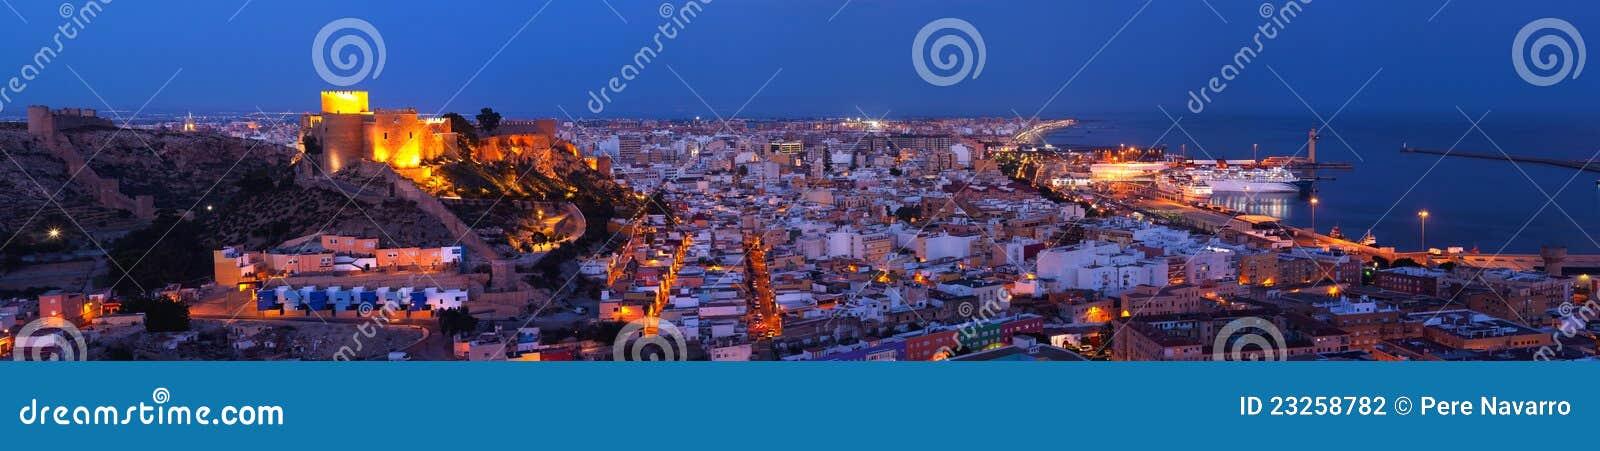 Panoramic night Citadel of Almeria